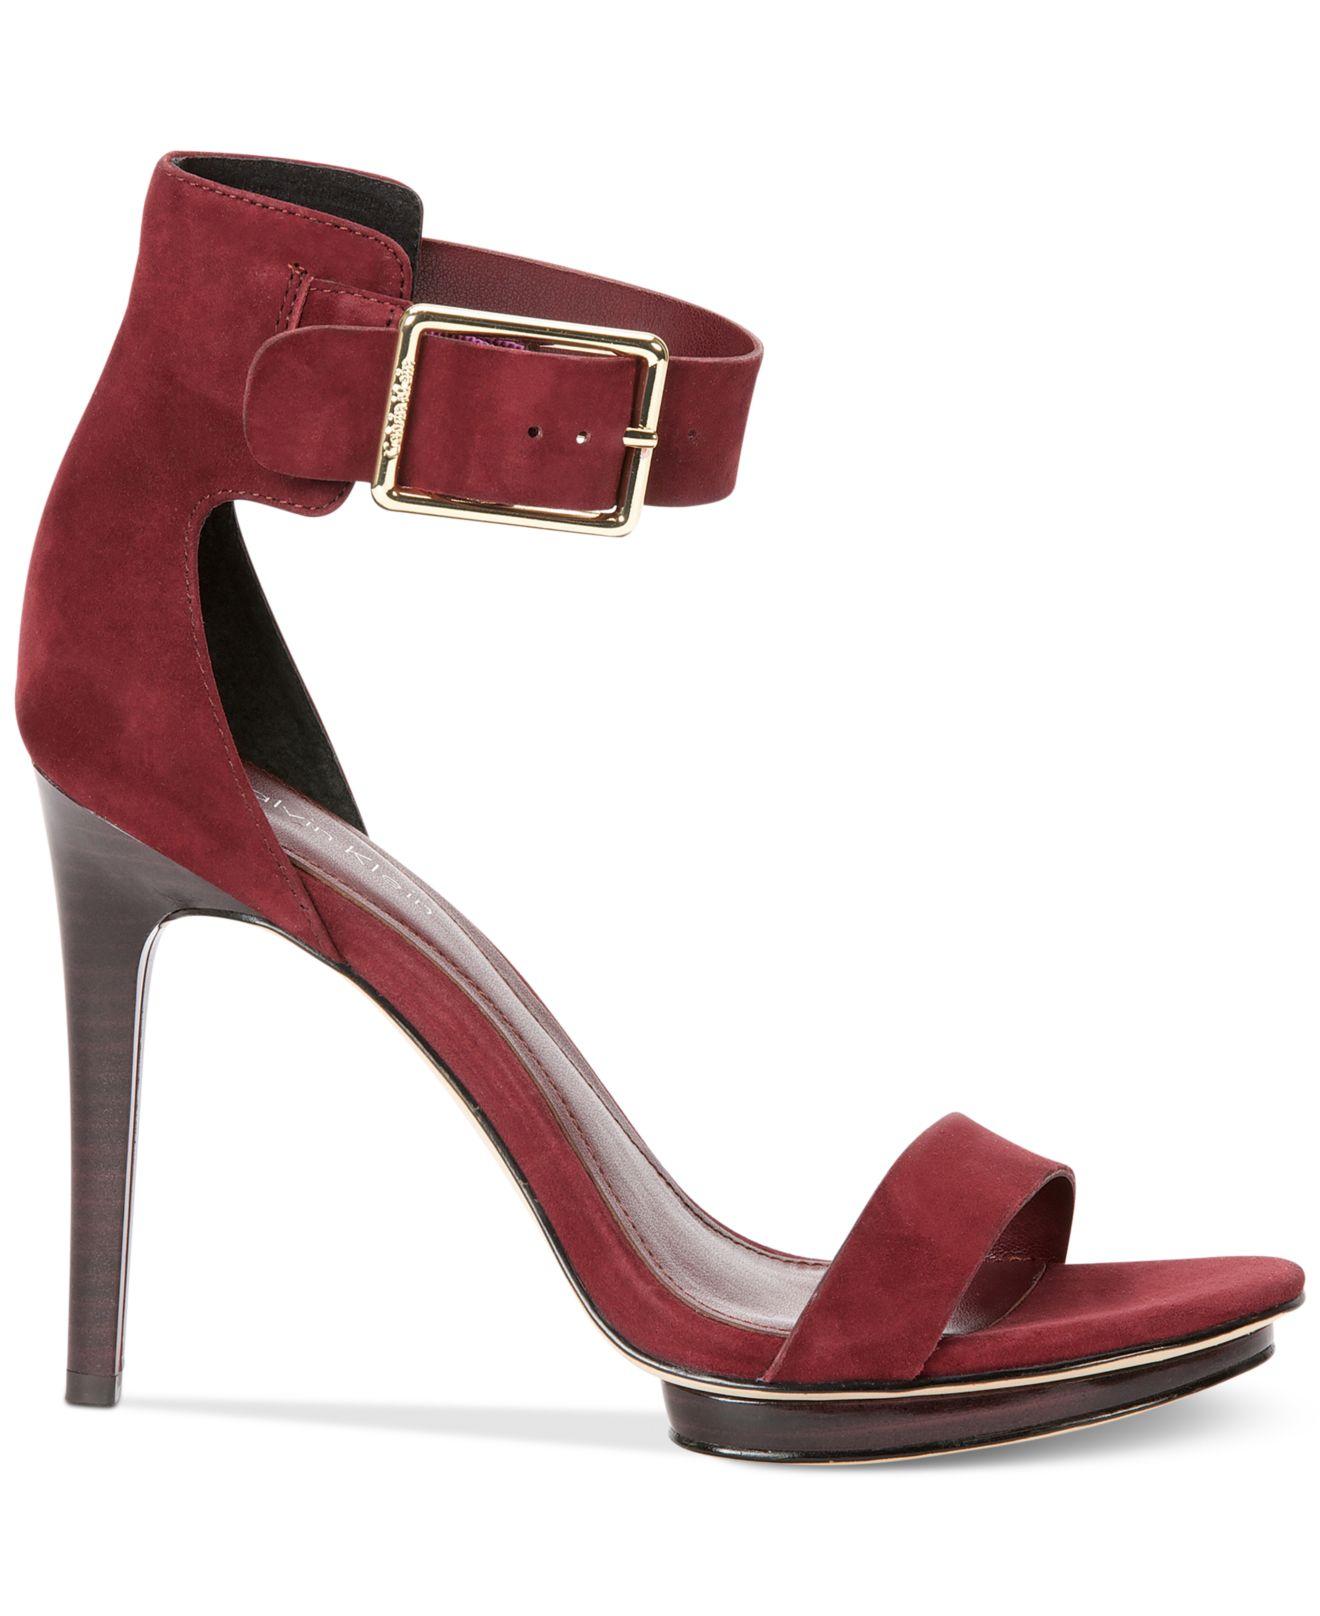 23d67395f60 Lyst - Calvin Klein Women S Vivian High Heel Sandals in Red